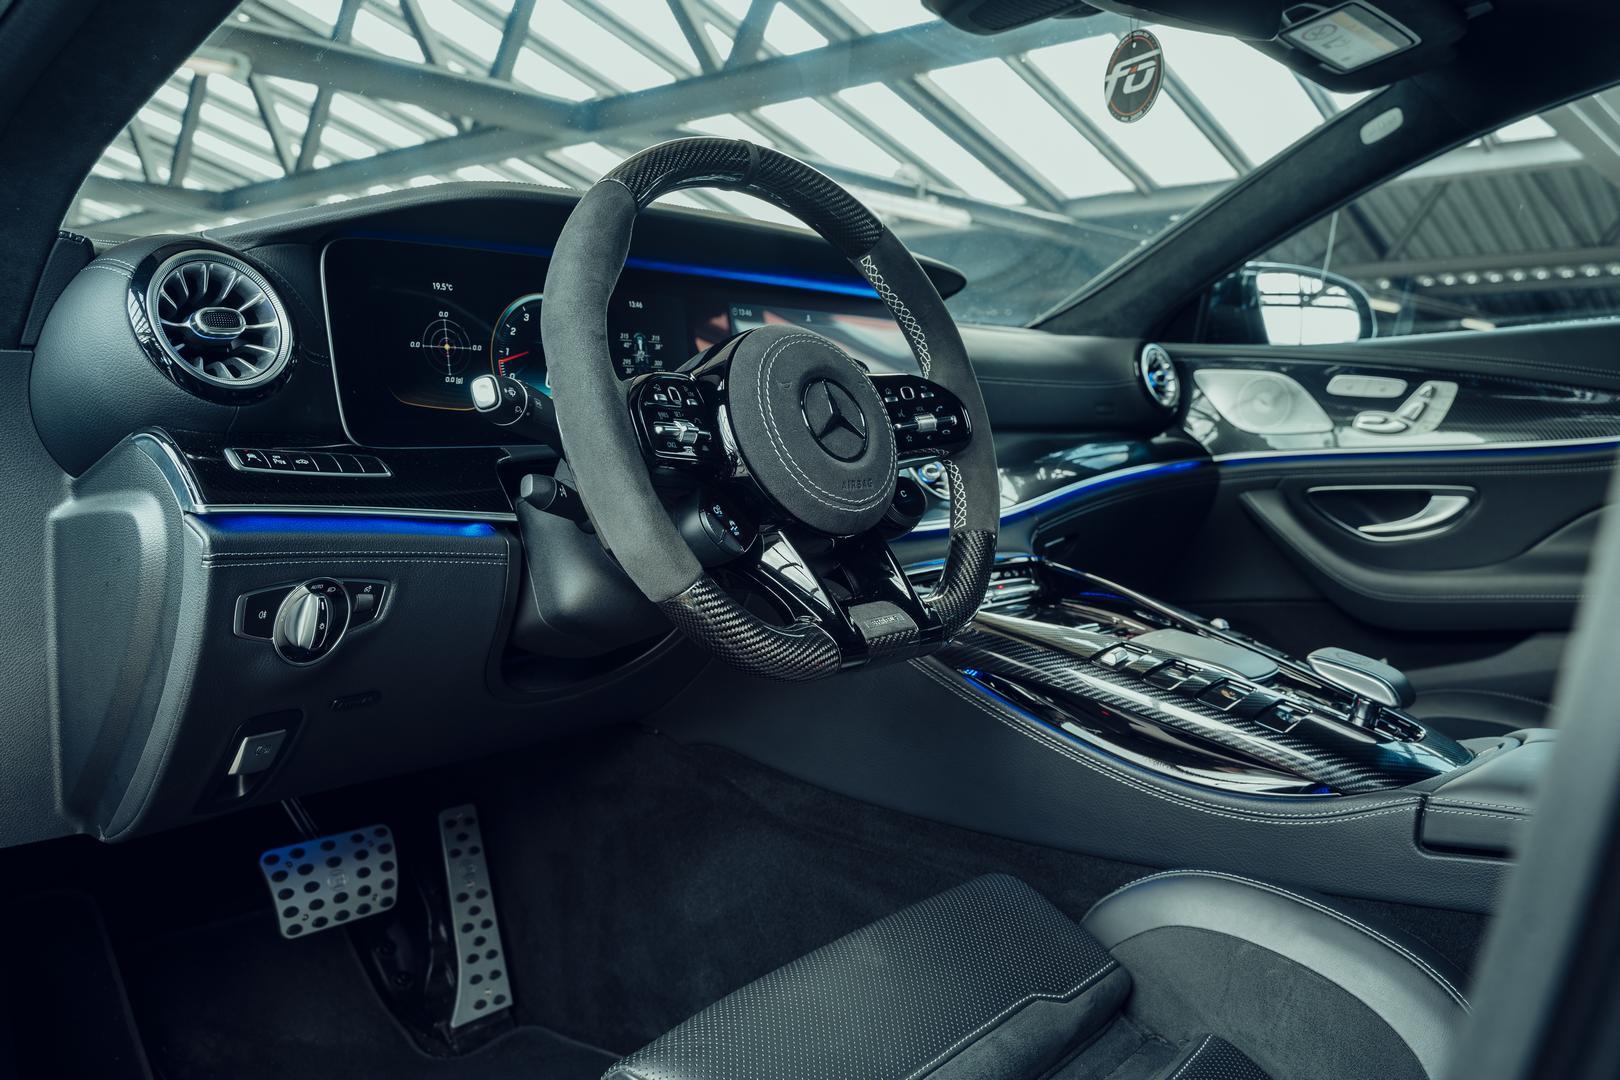 Brabus GT800 interior